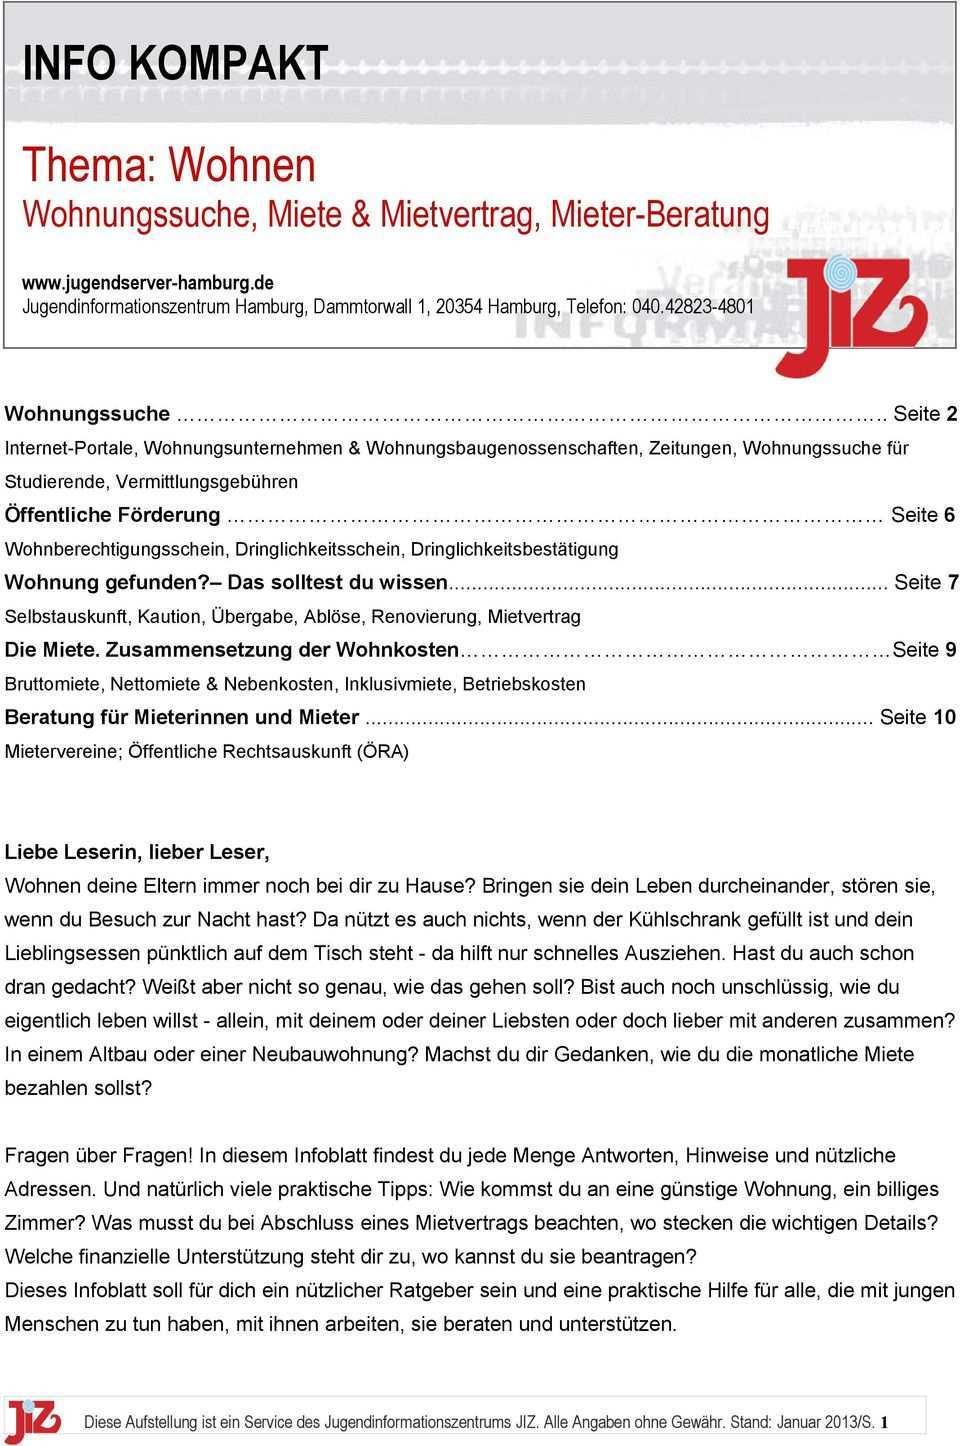 Thema Wohnen Wohnungssuche Miete Mietvertrag Mieter Beratung Pdf Free Download